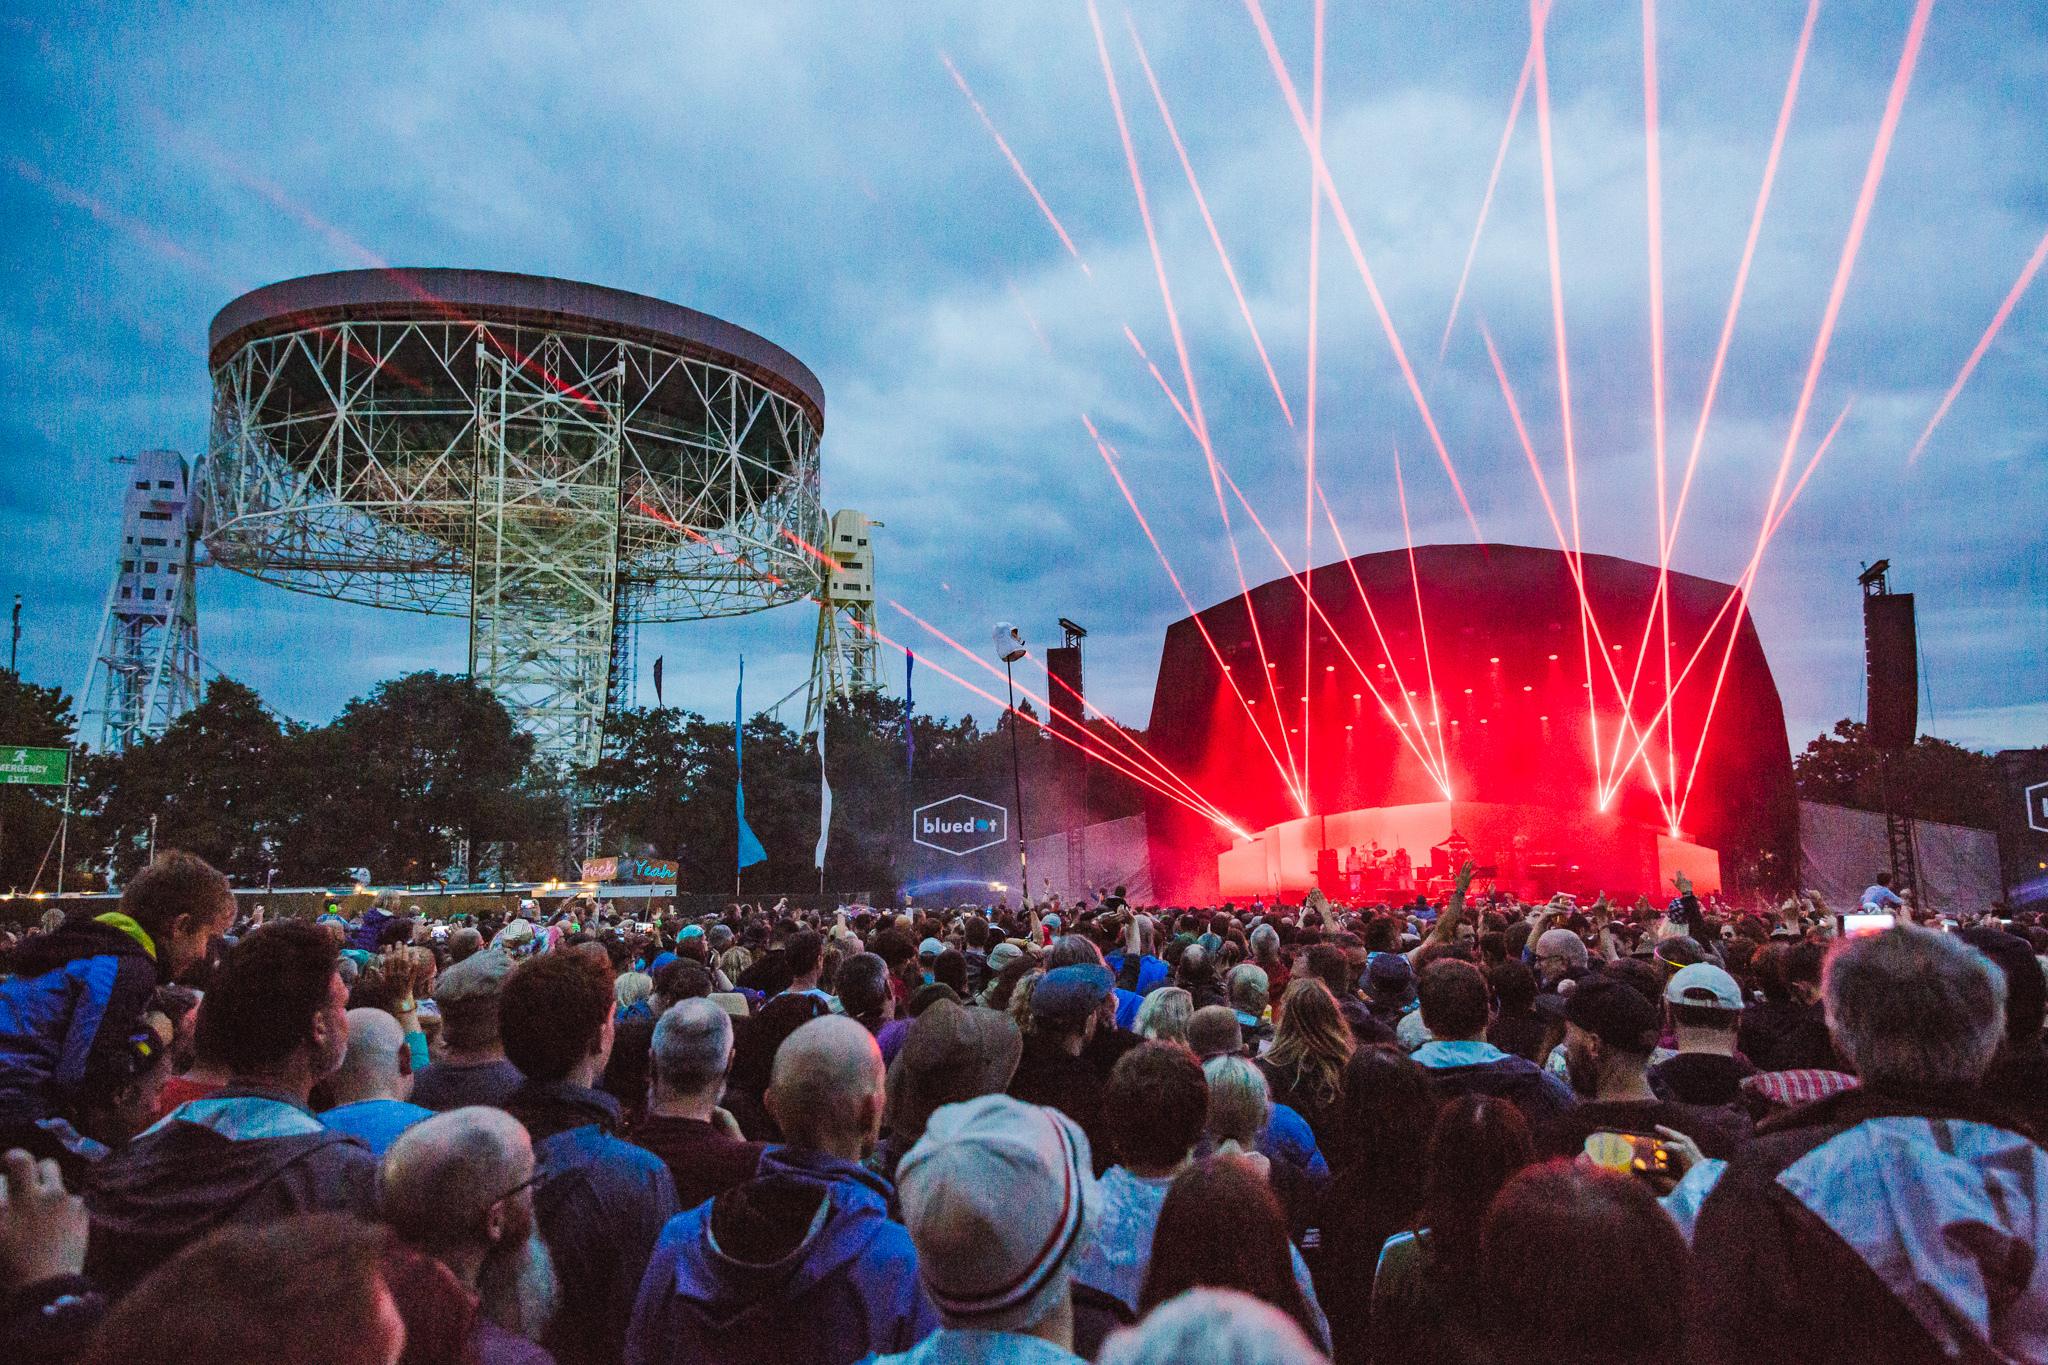 Bluedot festival in full flow